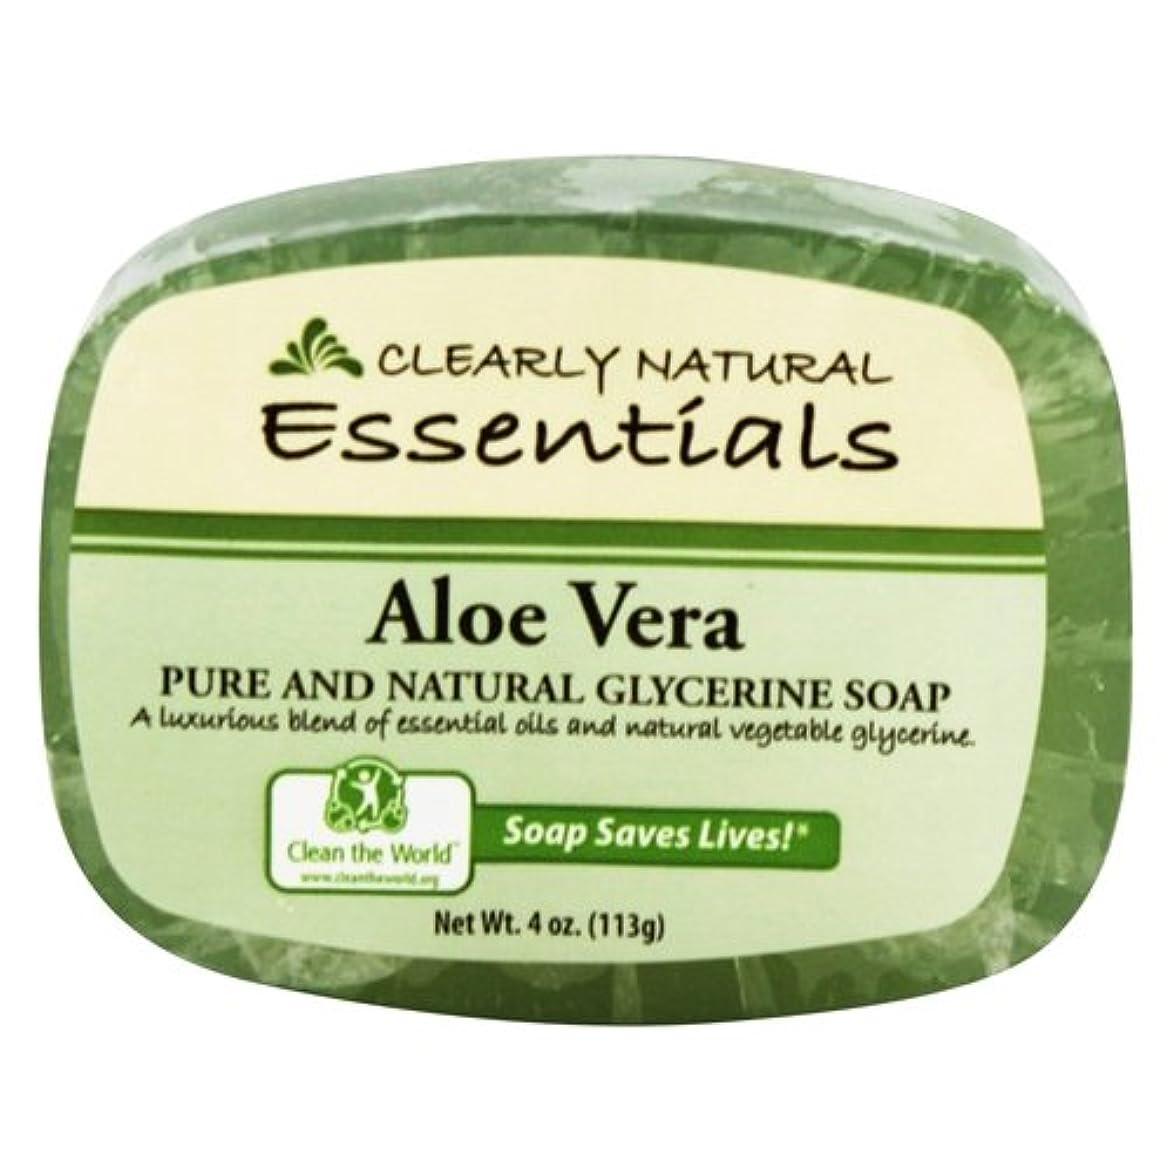 請求可能弱まるロックClearly Natural - グリセリン石鹸アロエベラ - 4ポンド